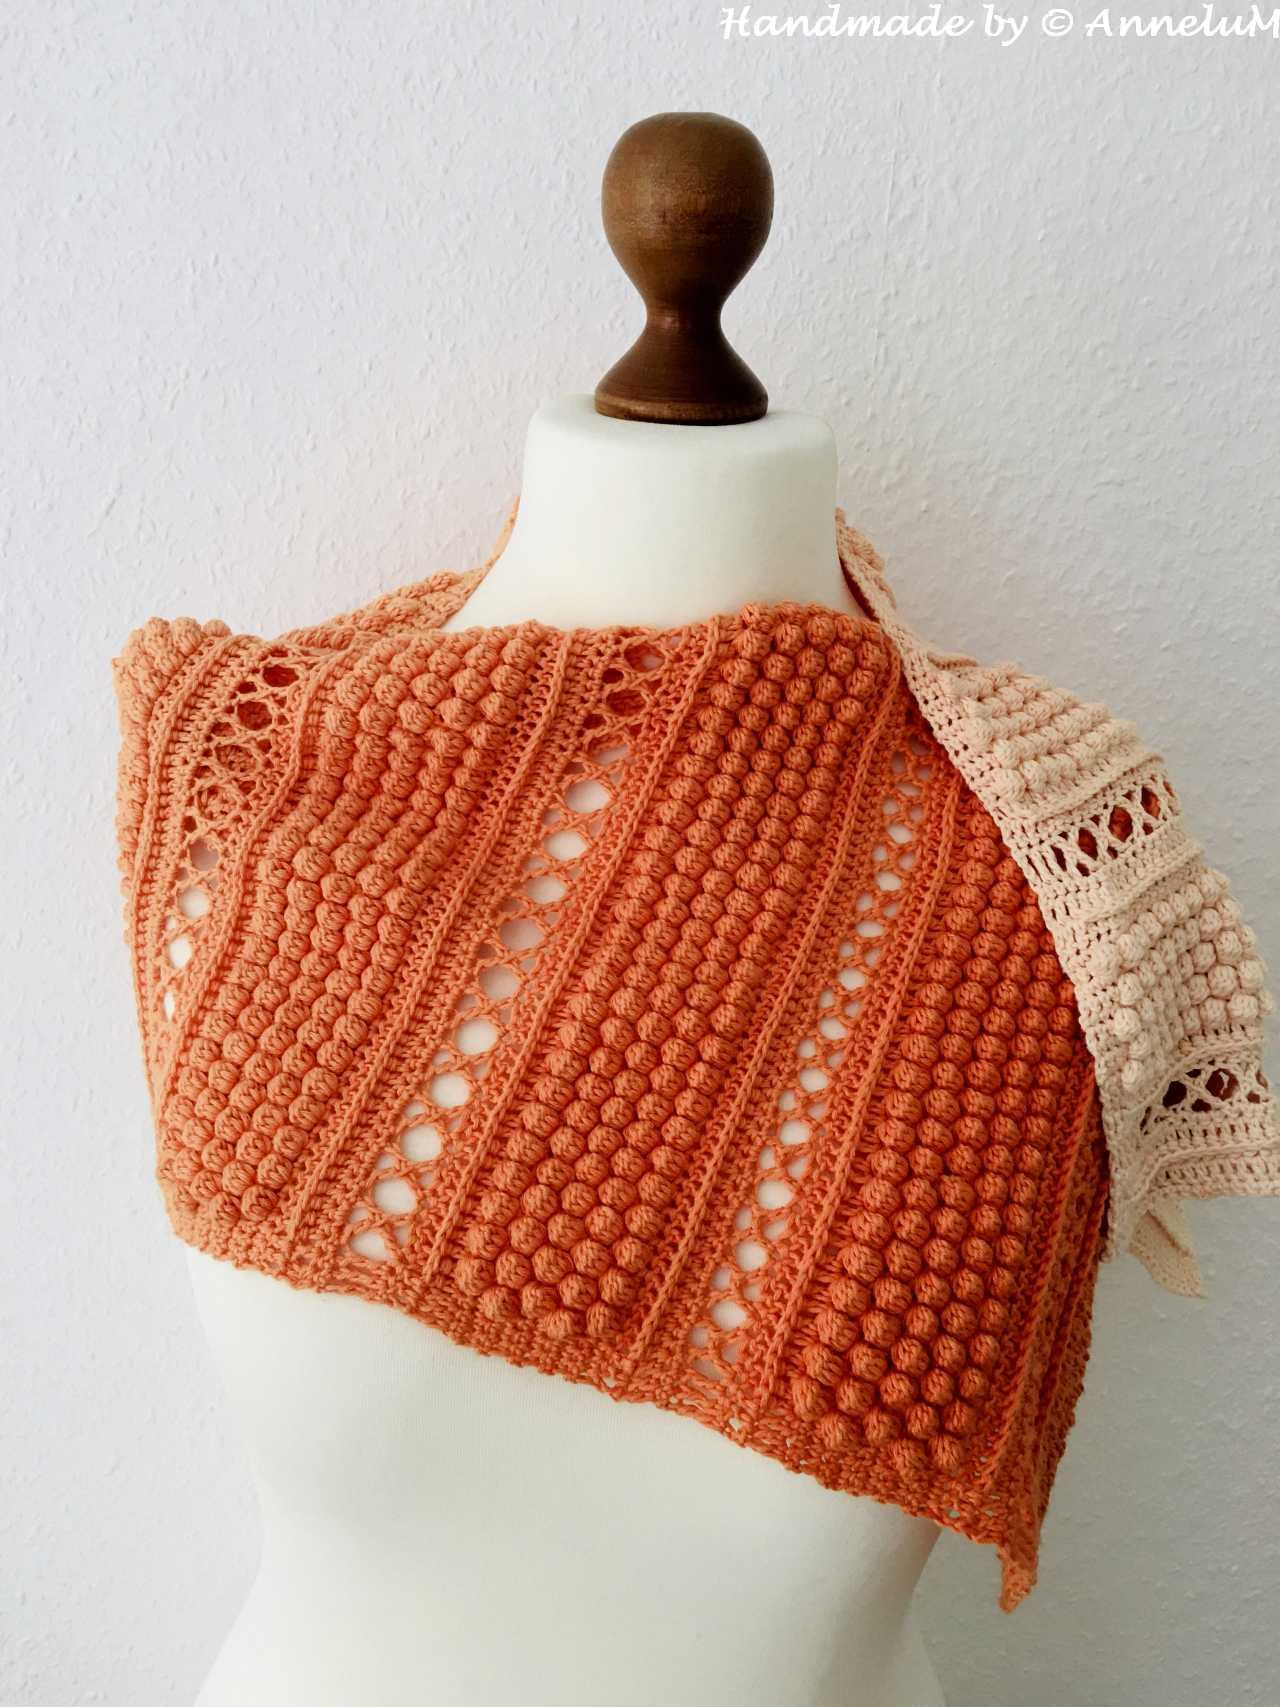 Kuplatie-Schal Handmade by AnneluM